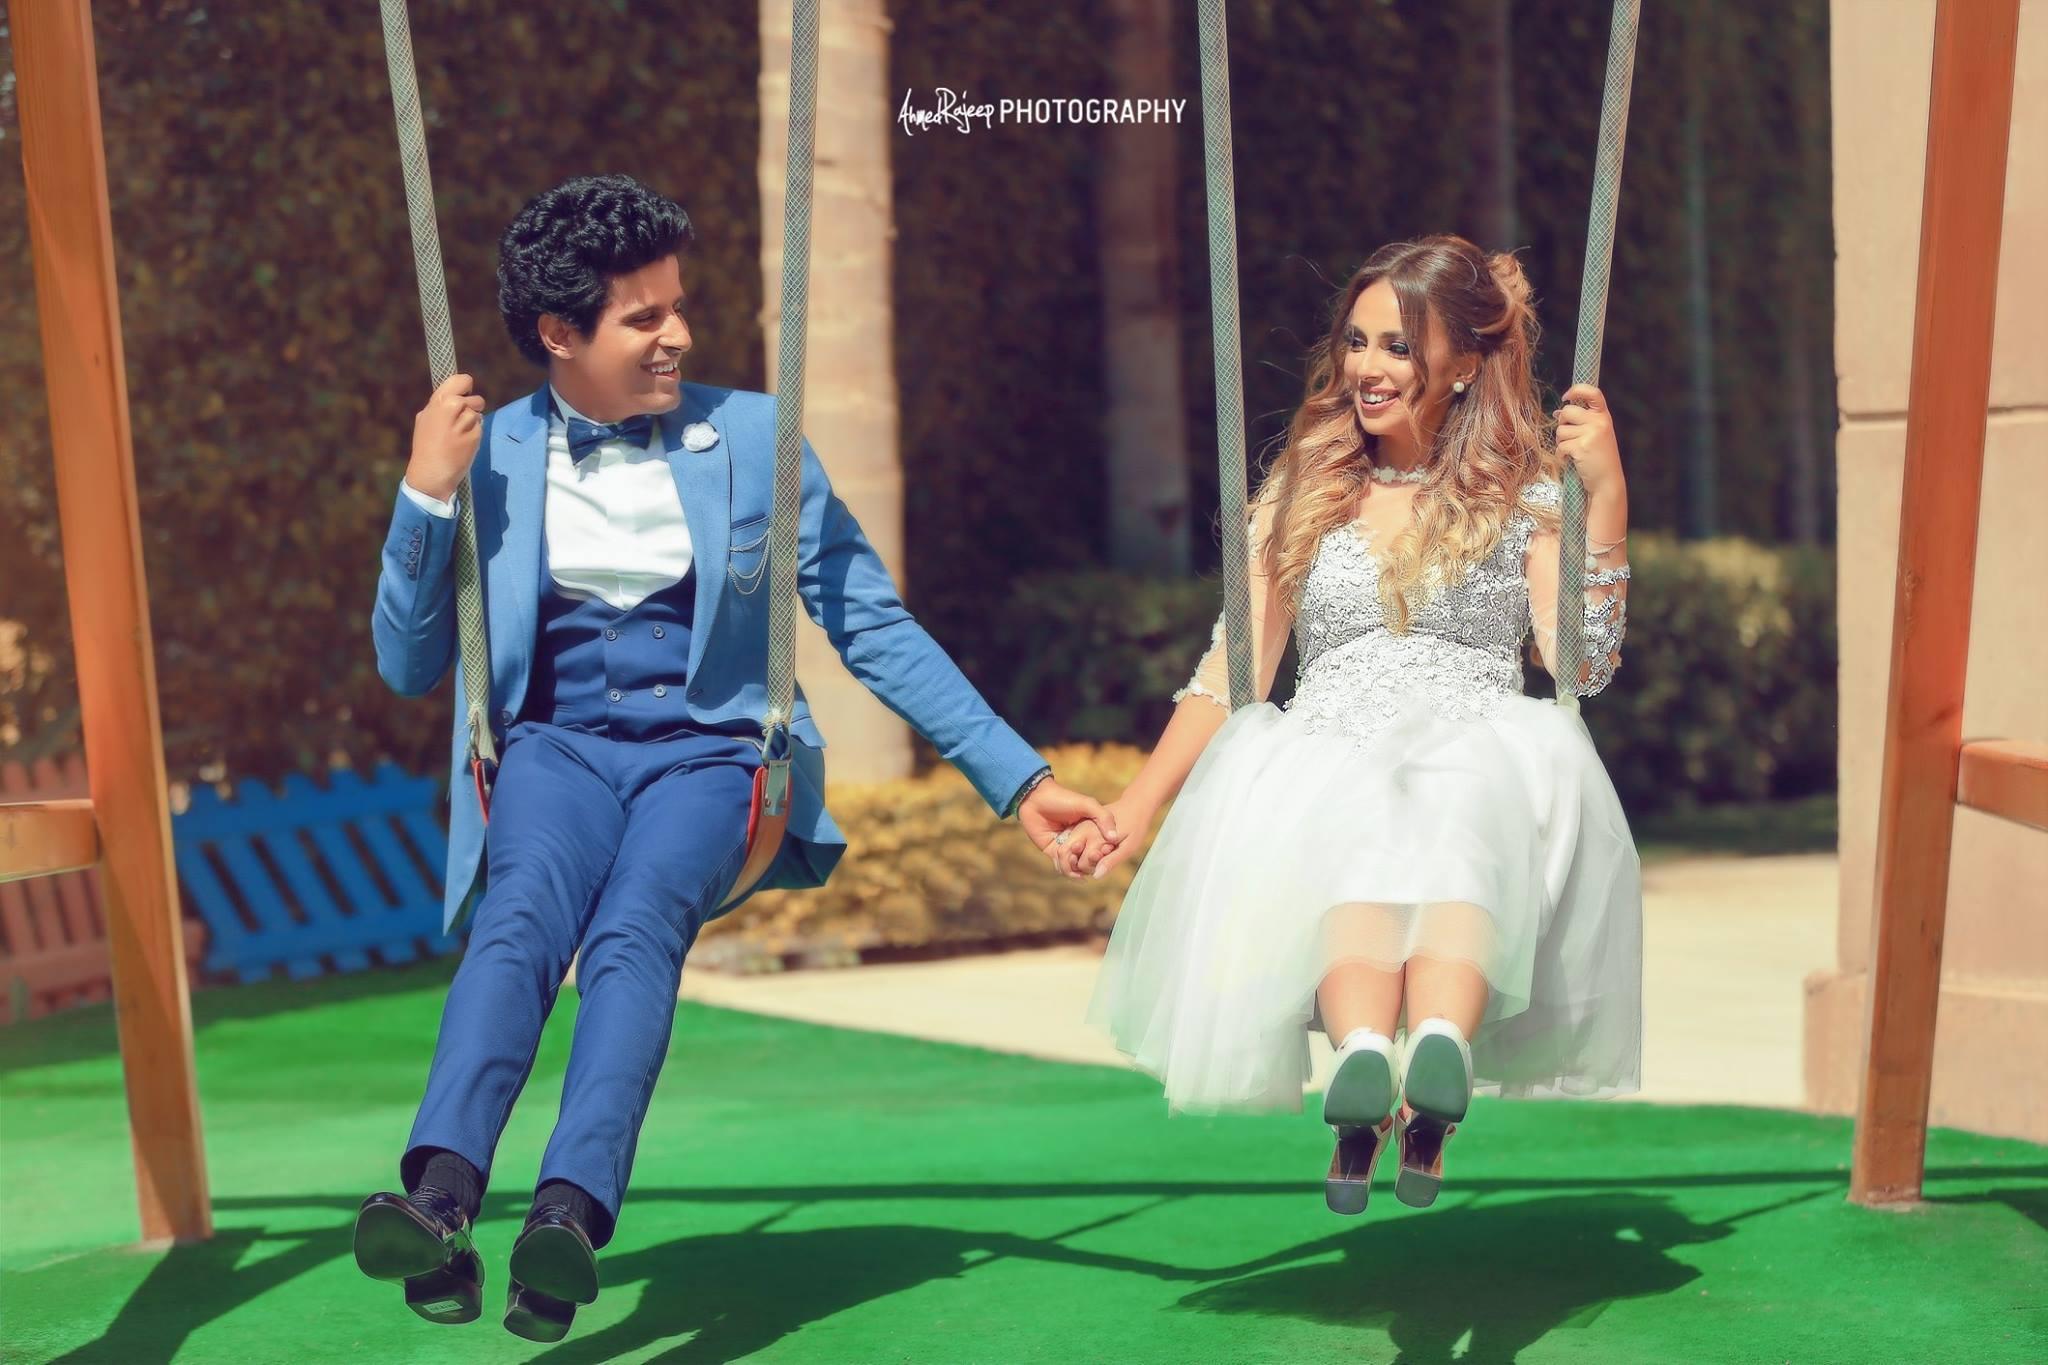 جلسة تصوير حفل زفاف حمدى الميرغنى واسراء عبد الفتاح (4)